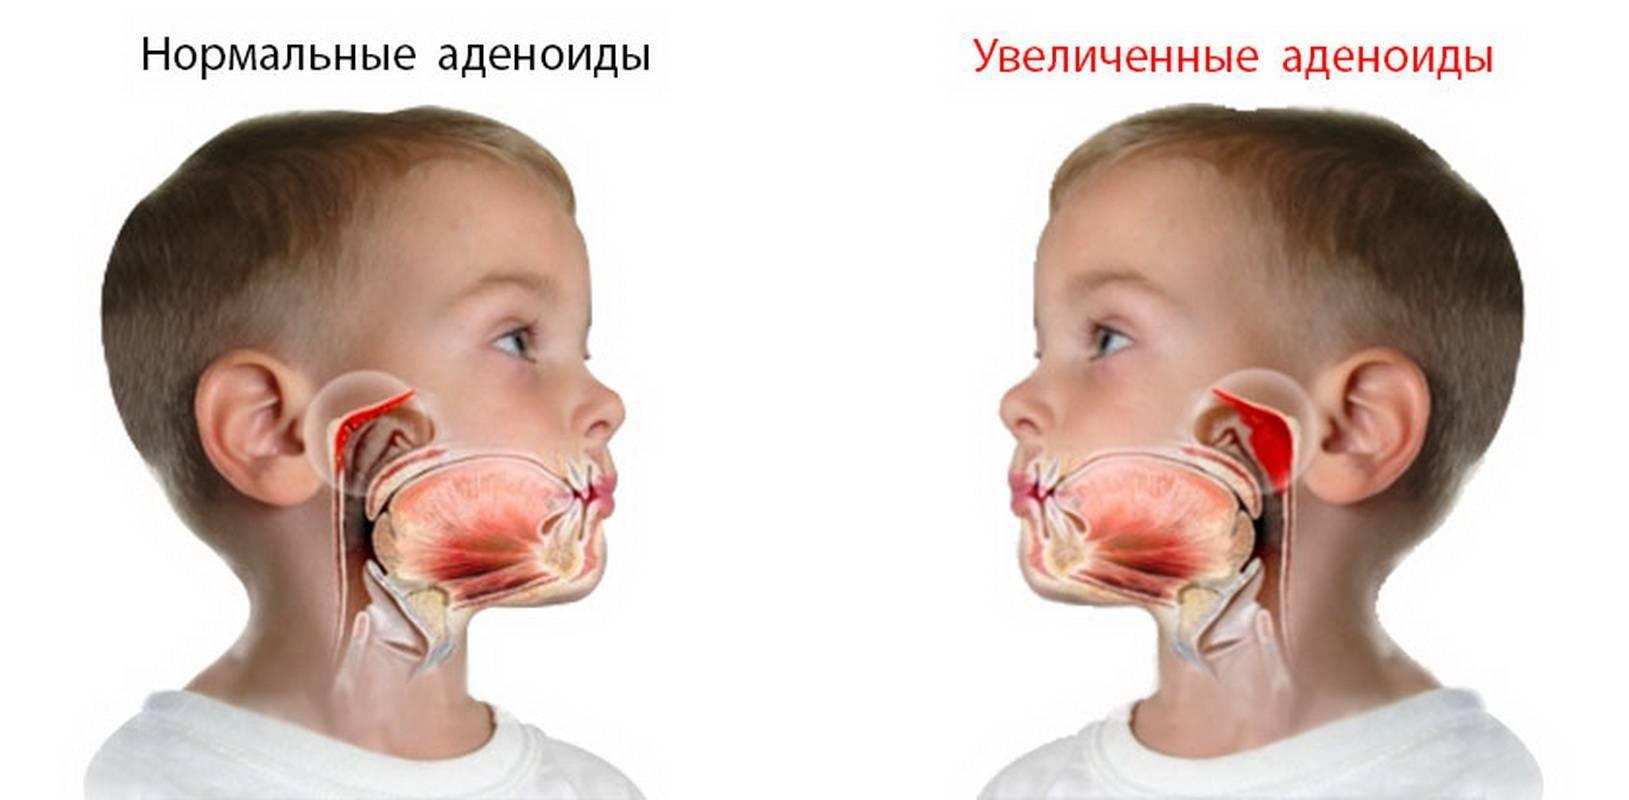 Удаление аденоидов у детей – отзывы мам. подробно об операции